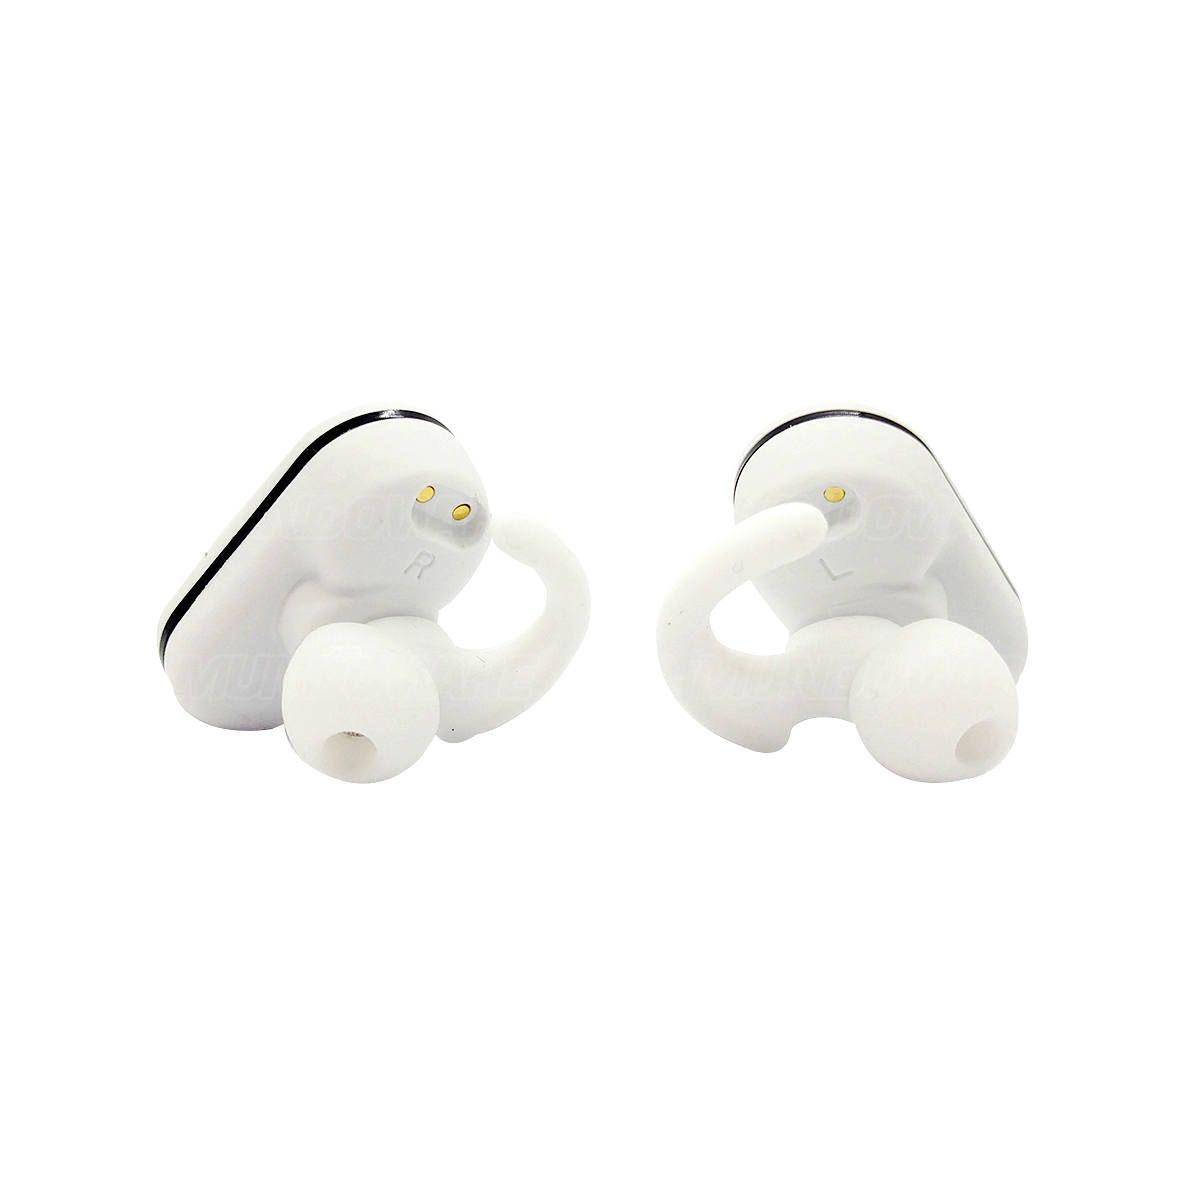 Fone de Ouvido Earbuds Esportivo Bluetooth com Base Carregadora TWS Estéreo Exbom BTWS-ST50 Branco